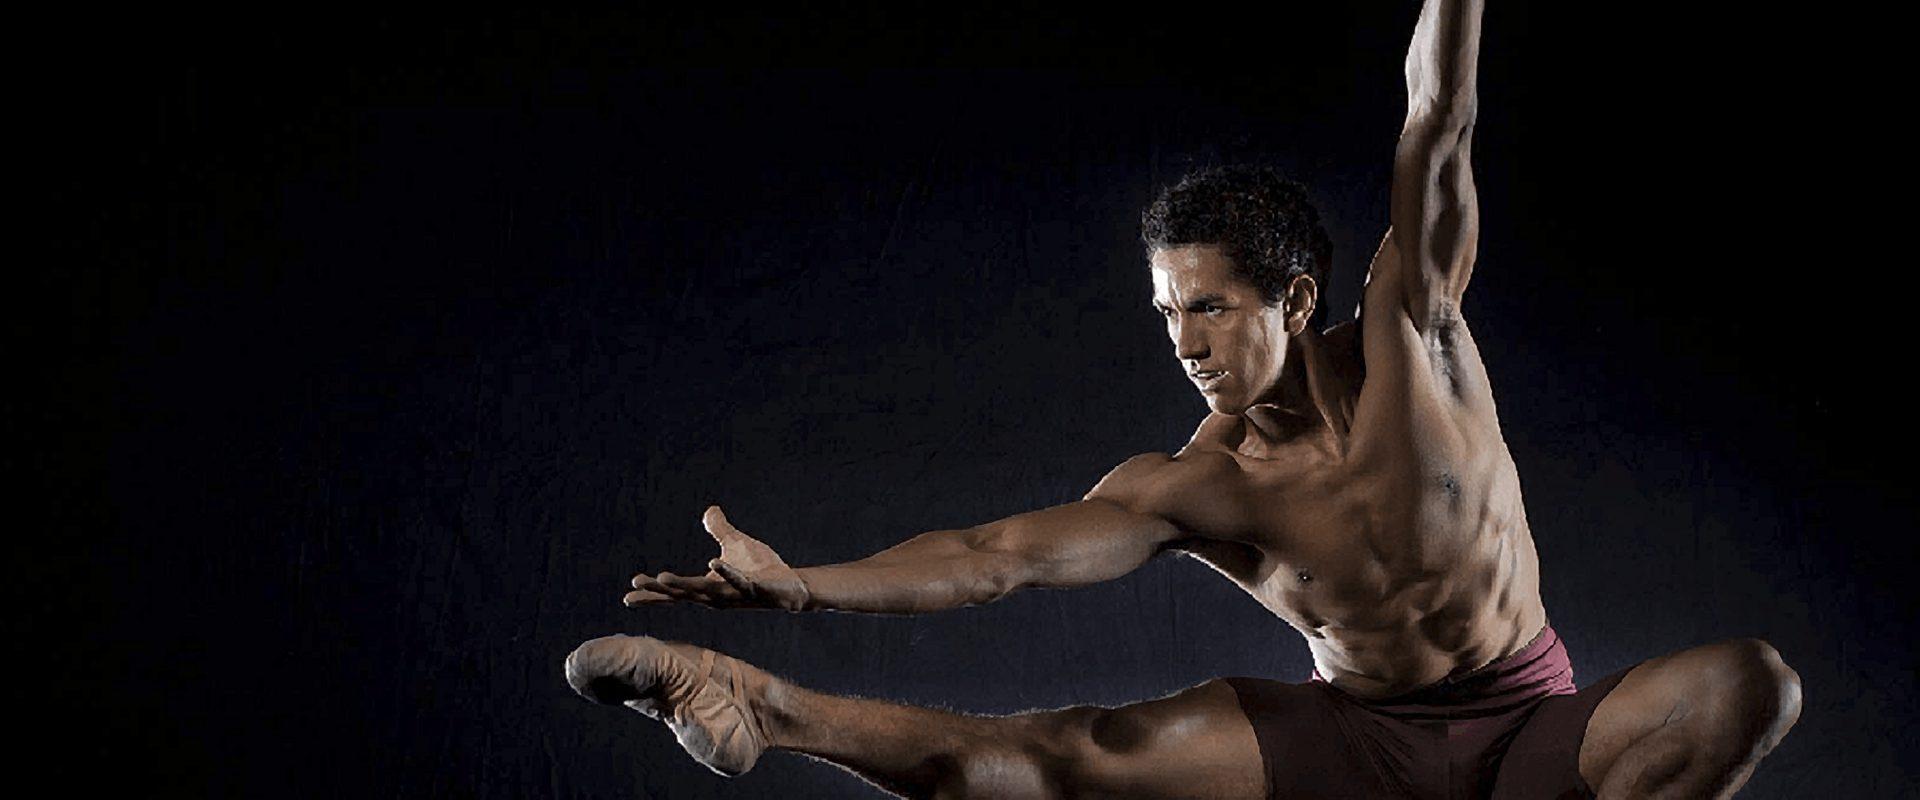 male ballet 4